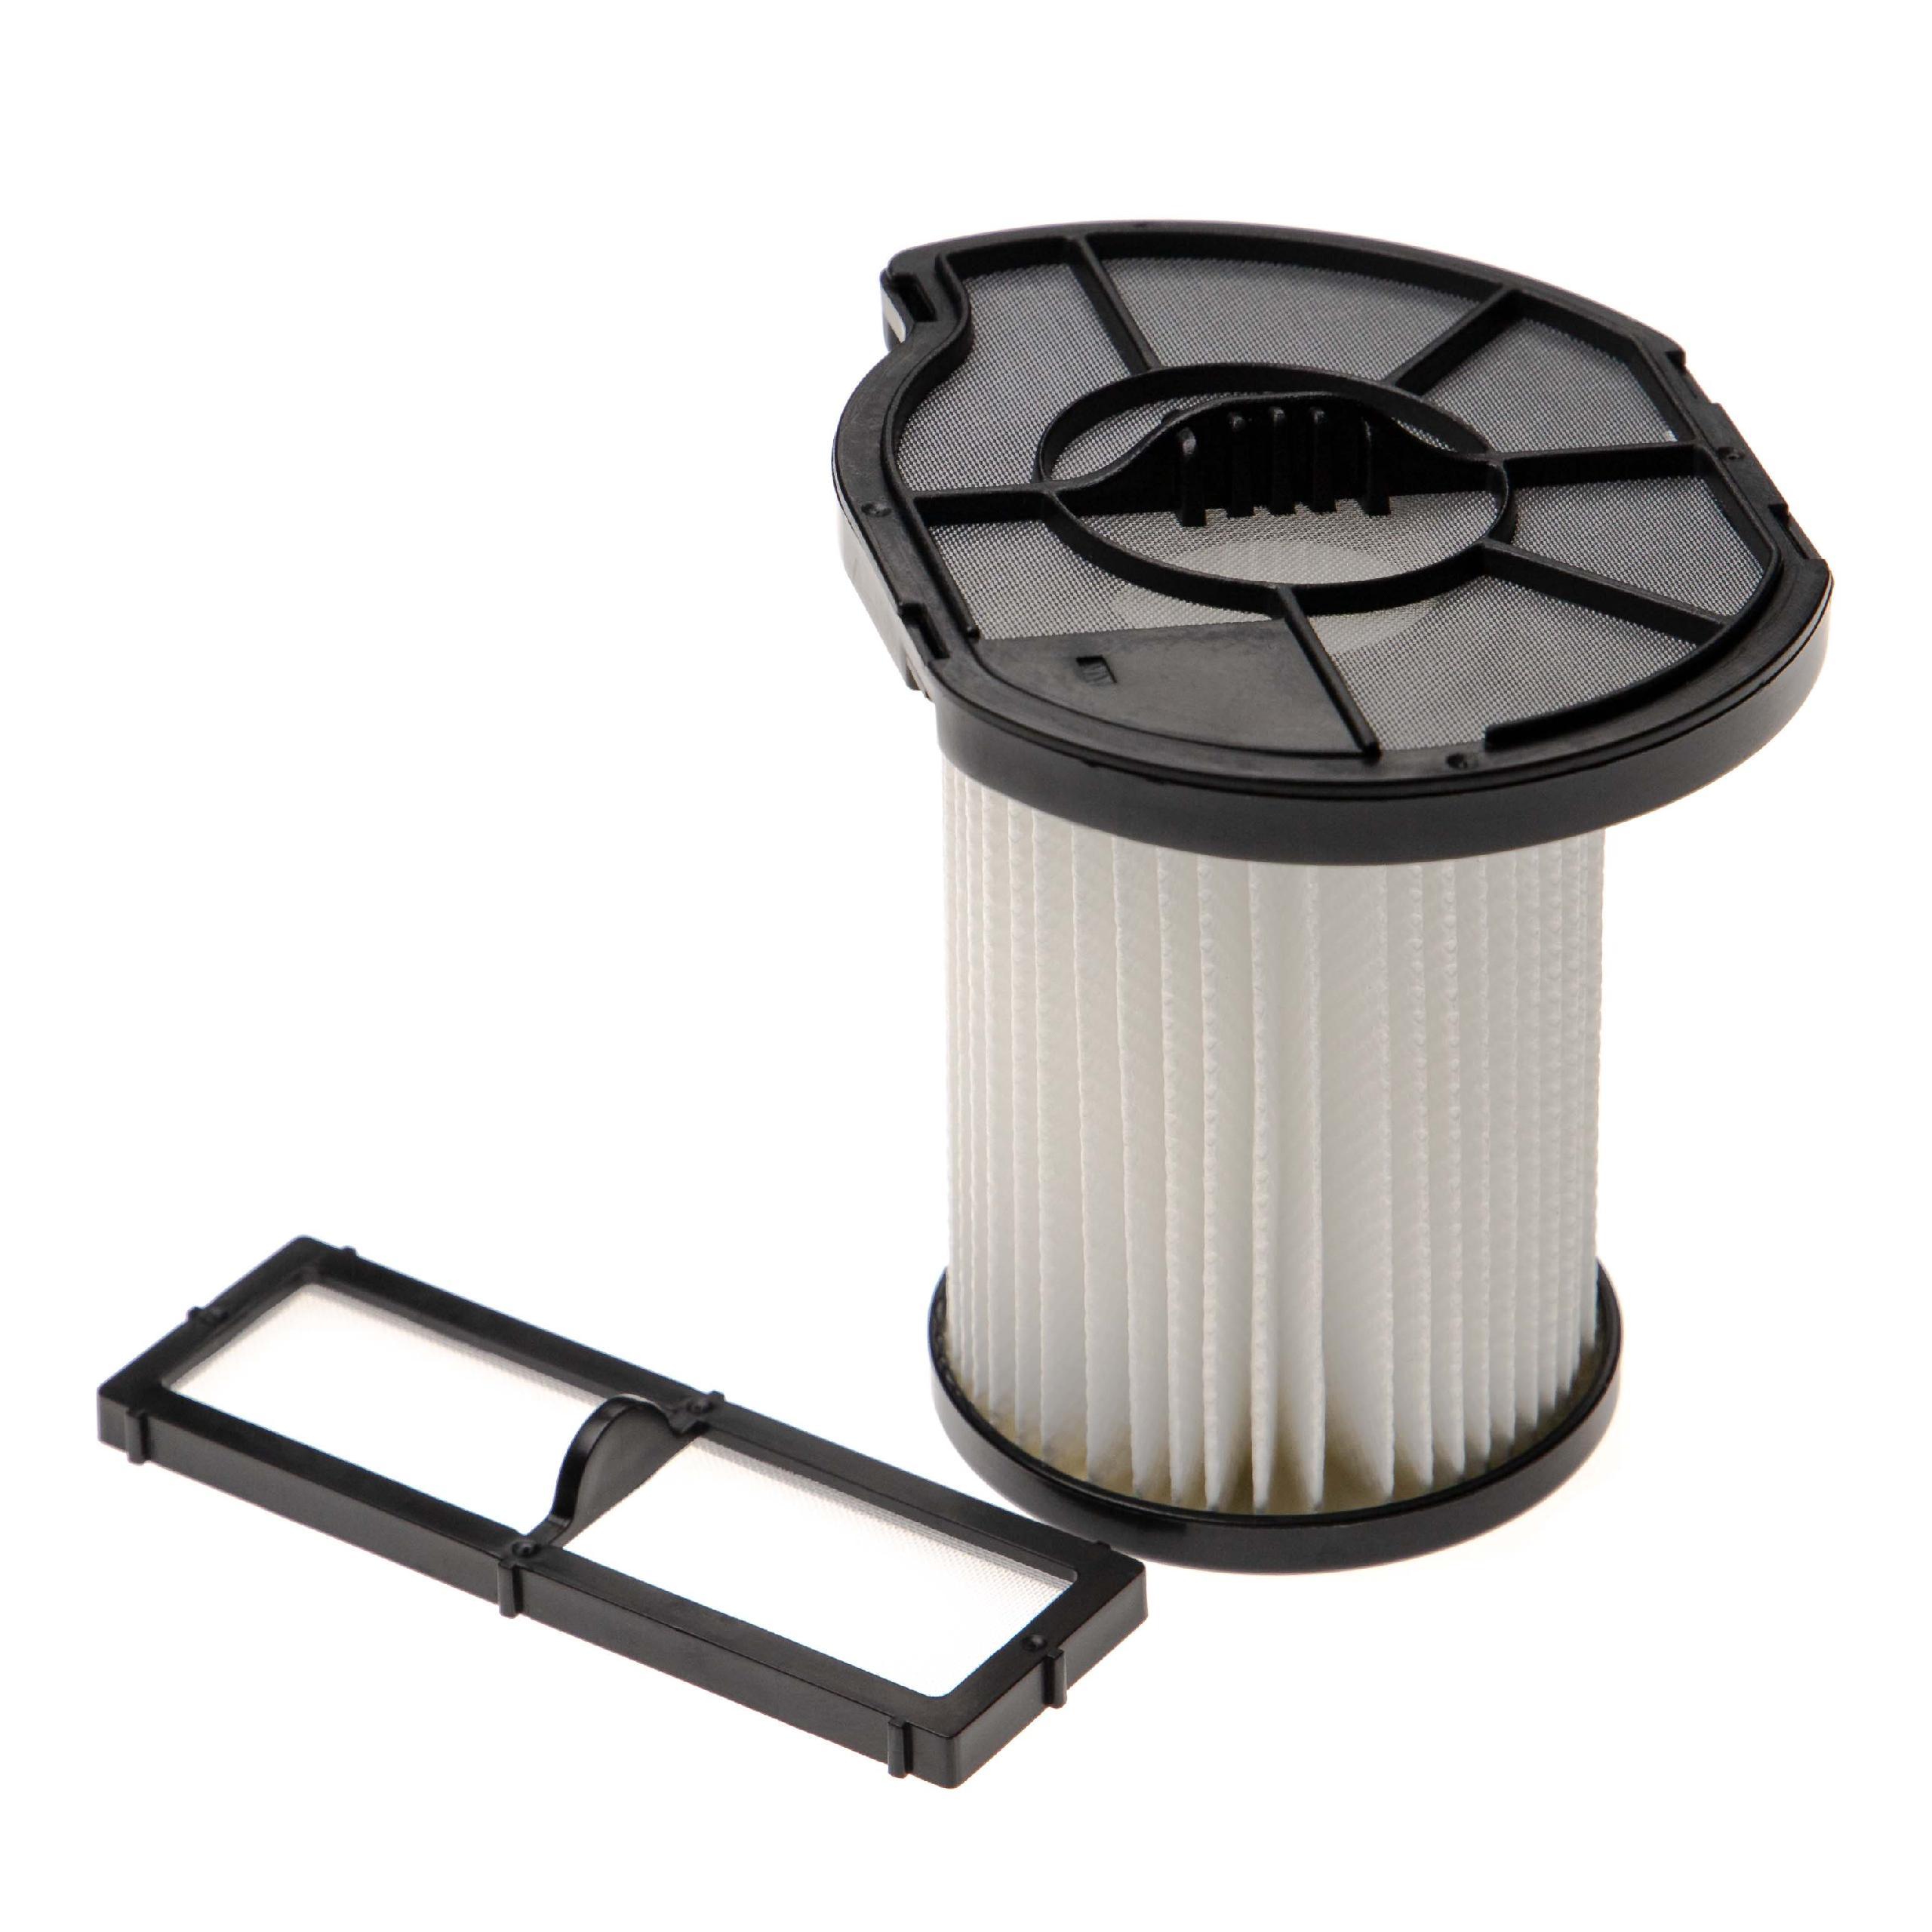 Centrixx M1882-9 Centrixx M1883 Filterset für Dirt Devil Centrixx M1882-8